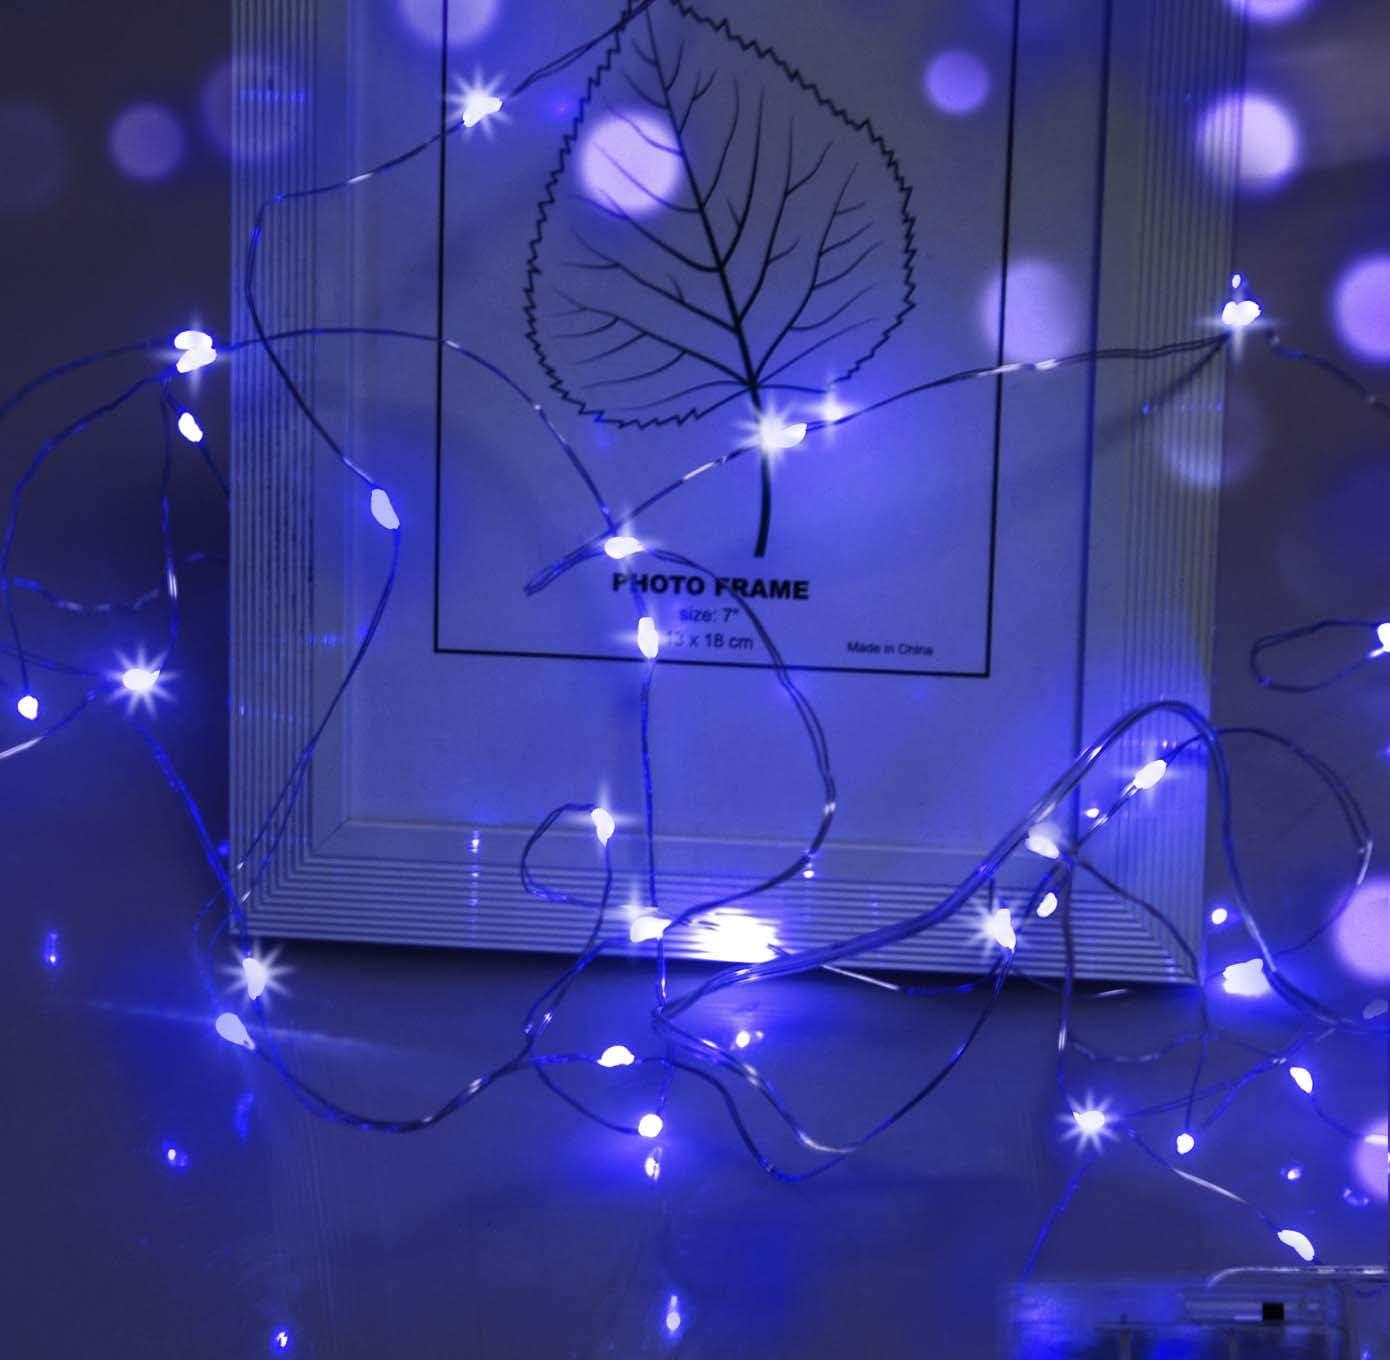 Led Lichterkette Cshare 3m Led Draht Micro Lichterkette Micro 30 Leds Lichterkette Aa Batterie Betrieb Für Party Garten Weihnachten Halloween Hochzeit Beleuchtung Zimmer Blau Beleuchtung